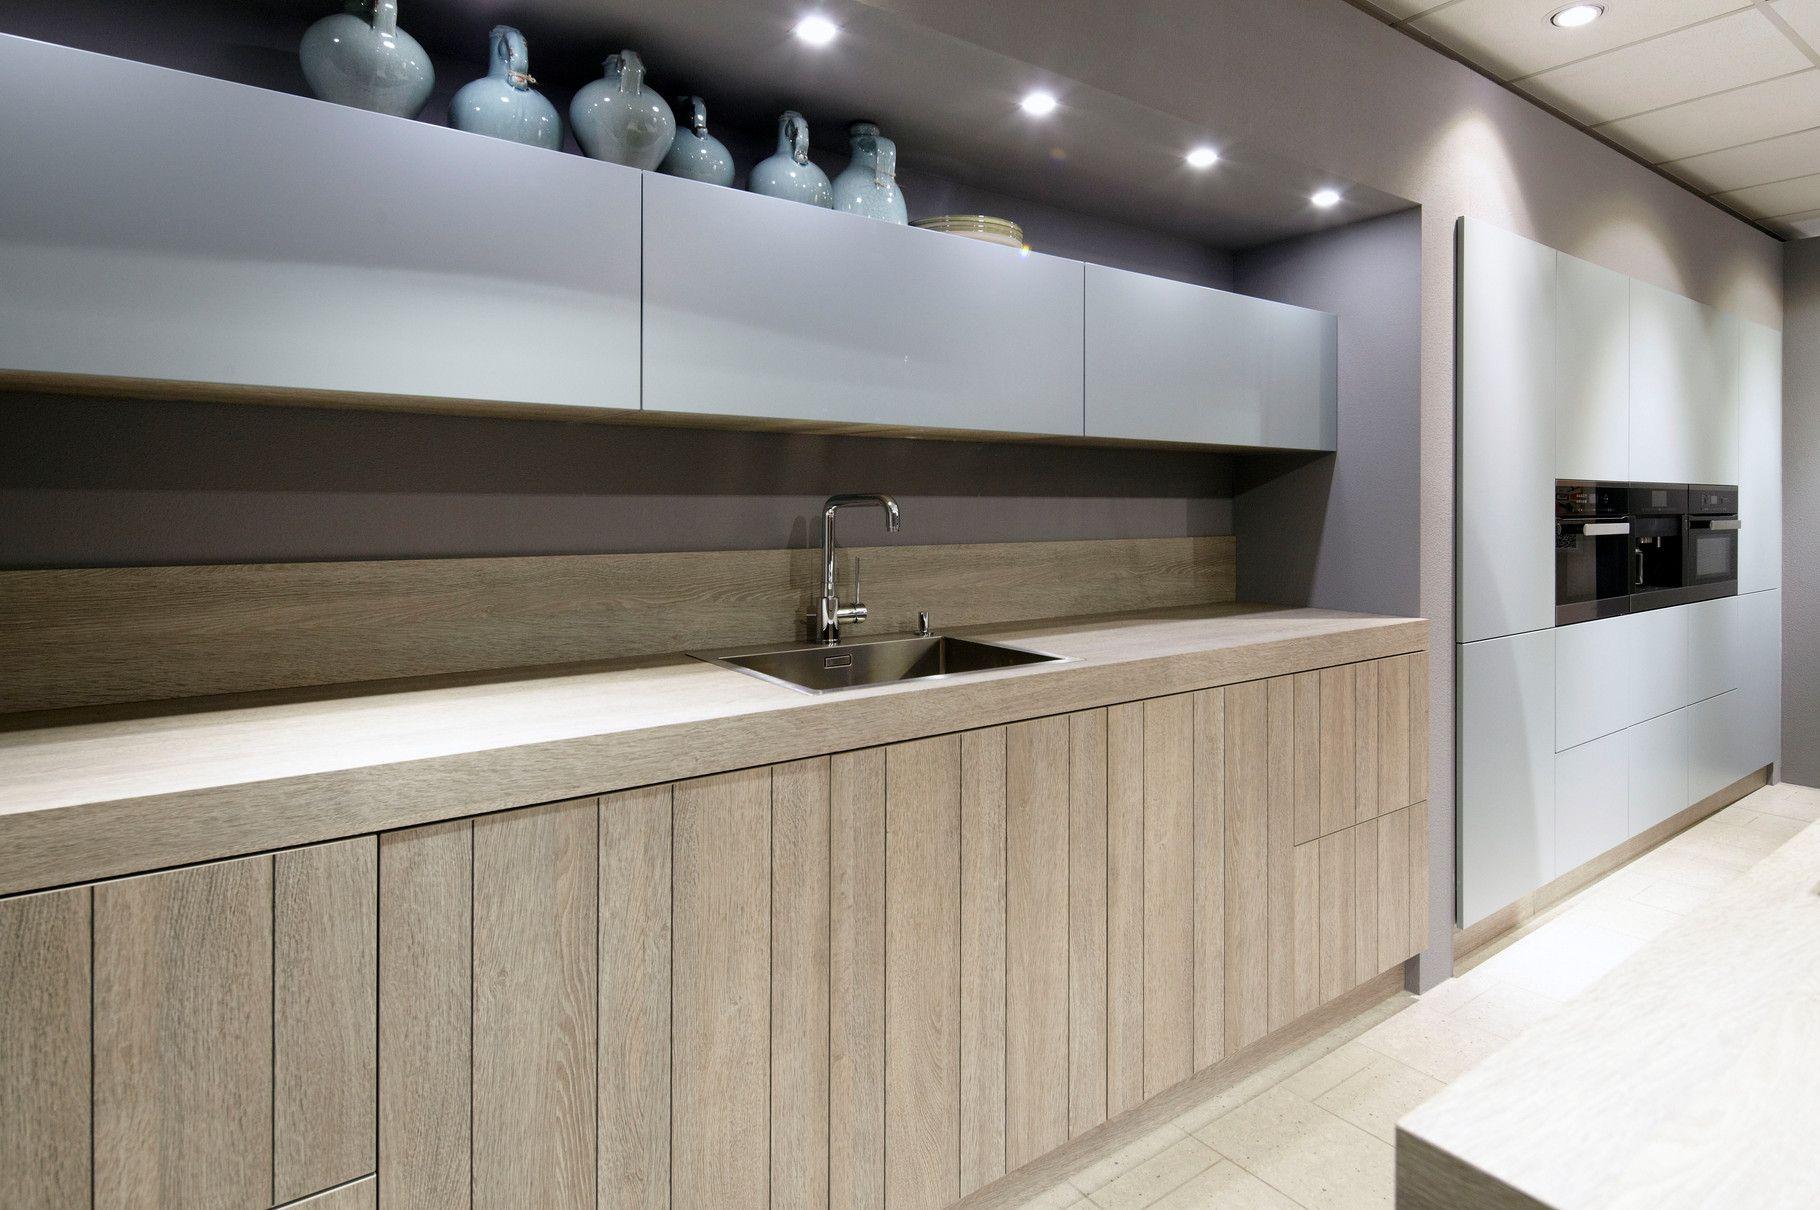 Cuisine interieur design toulouse agencement et for Agencement cuisine toulouse